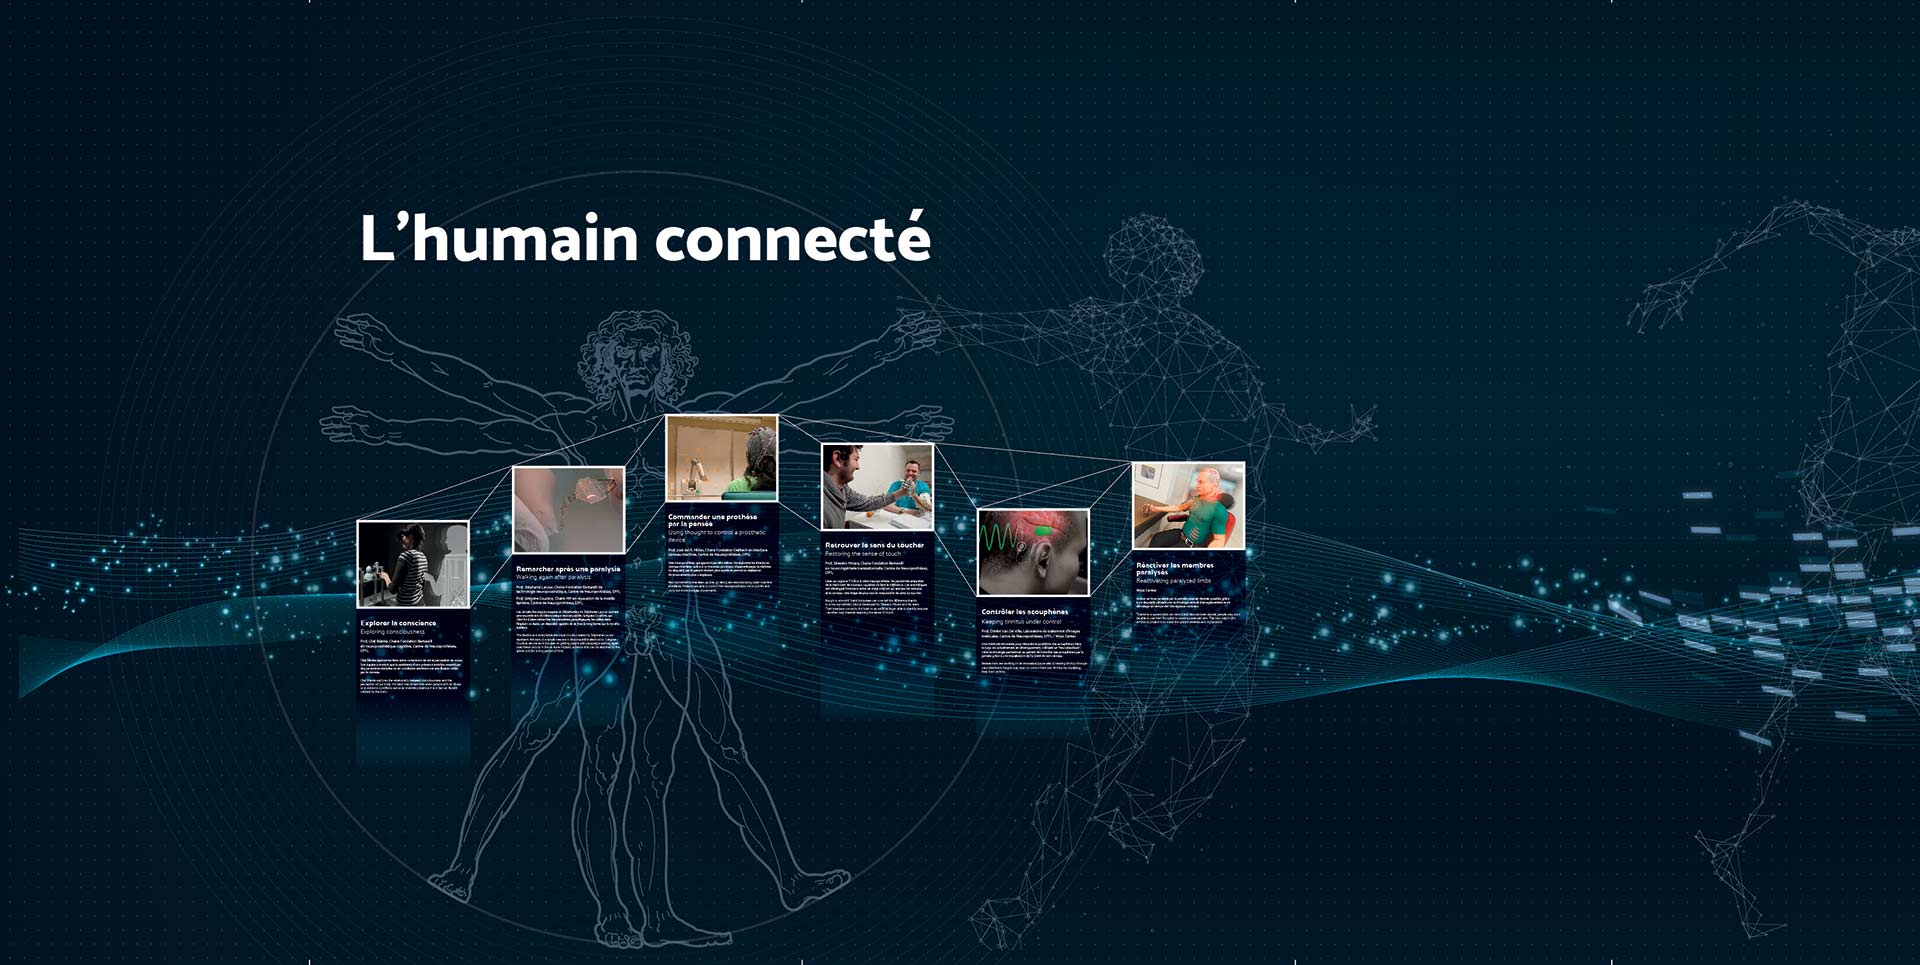 L'humain connecté, EPFL